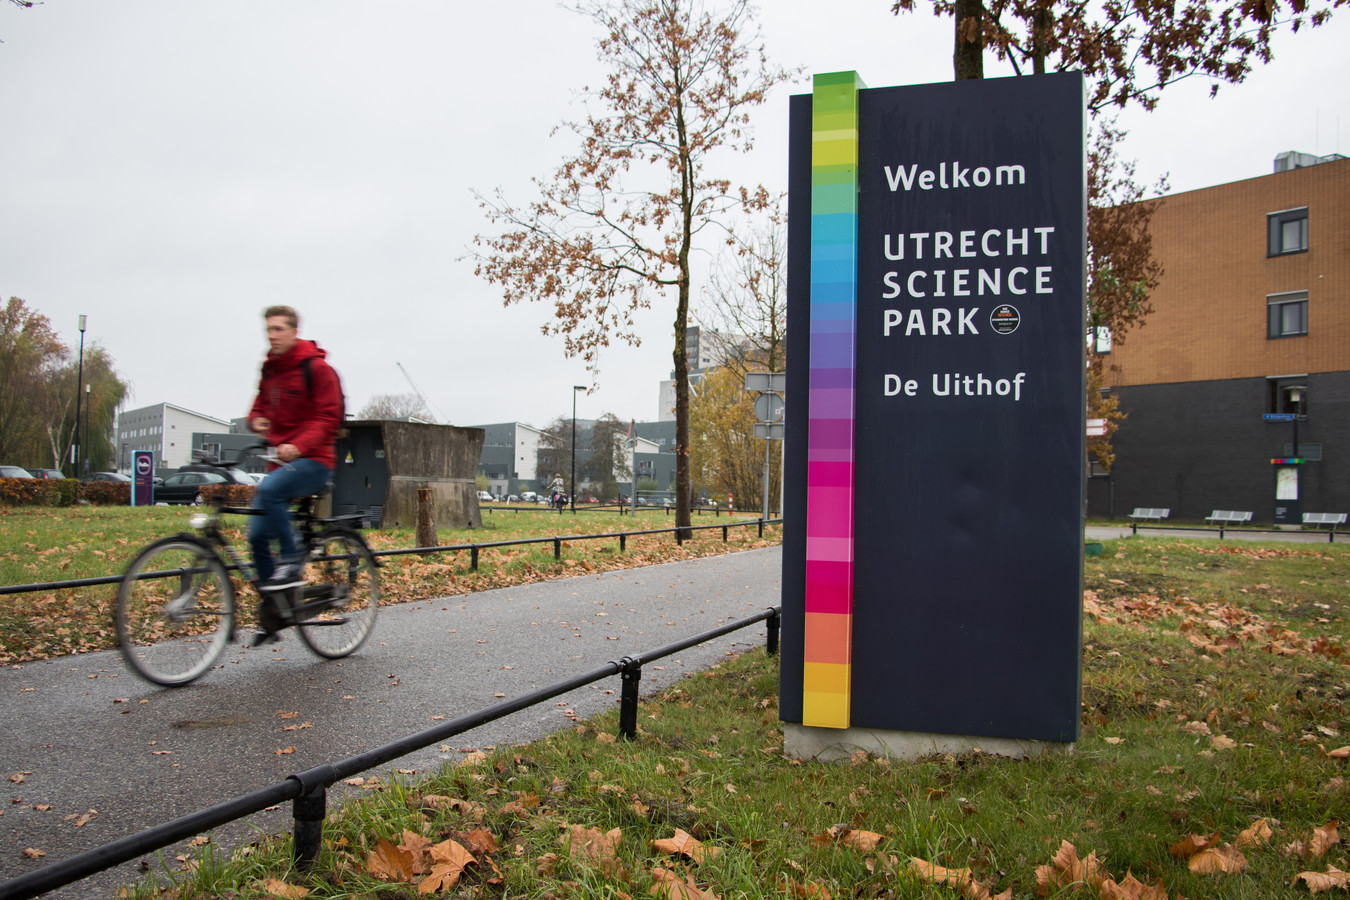 De naam De Uithof wordt vandaag waarschijnlijk officieel veranderd in Utrecht Science Park